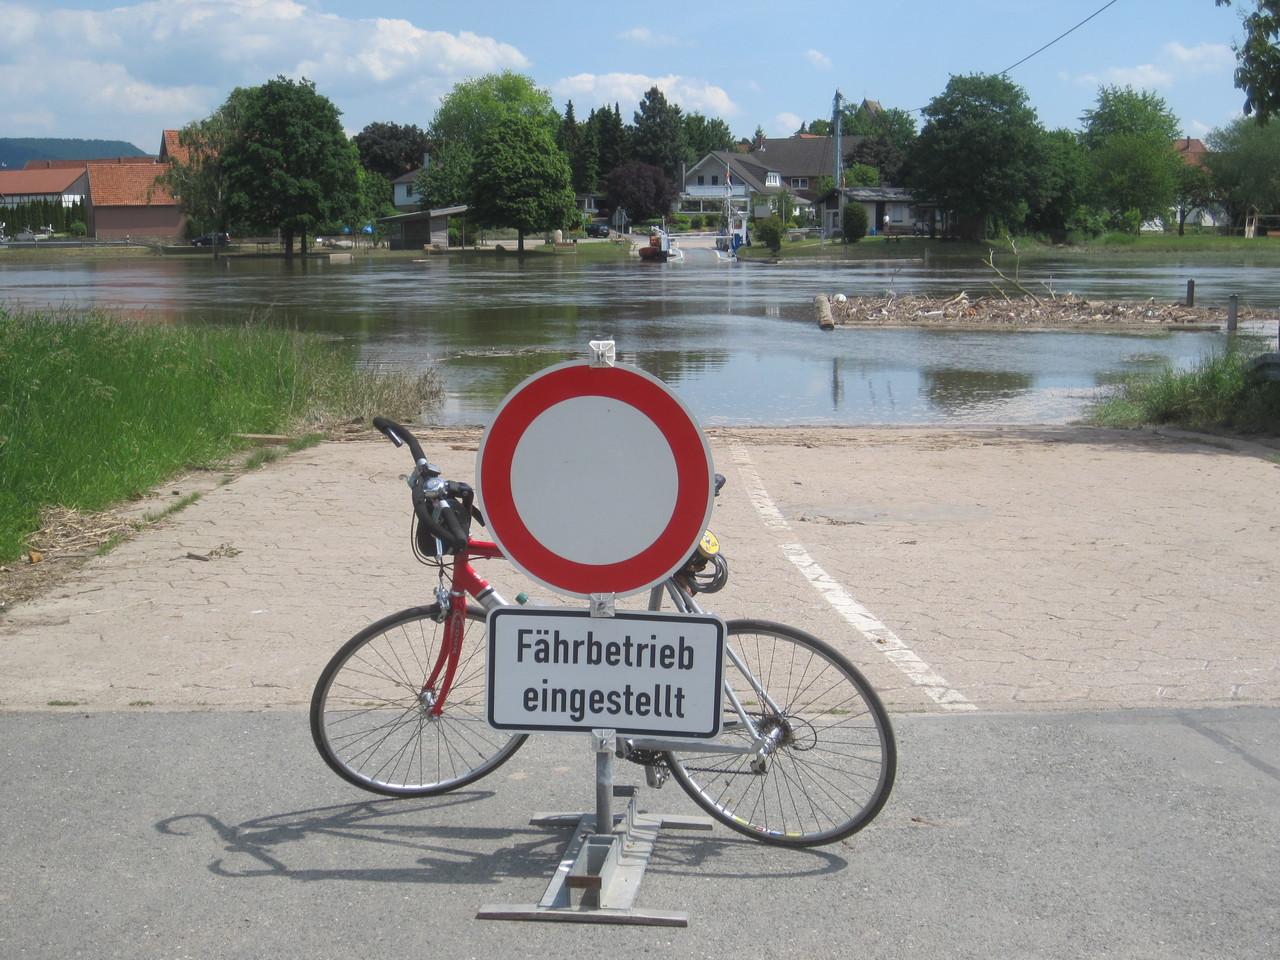 Gierseilfähre Großenwieden - auf der anderen Weserseite geht es weiter